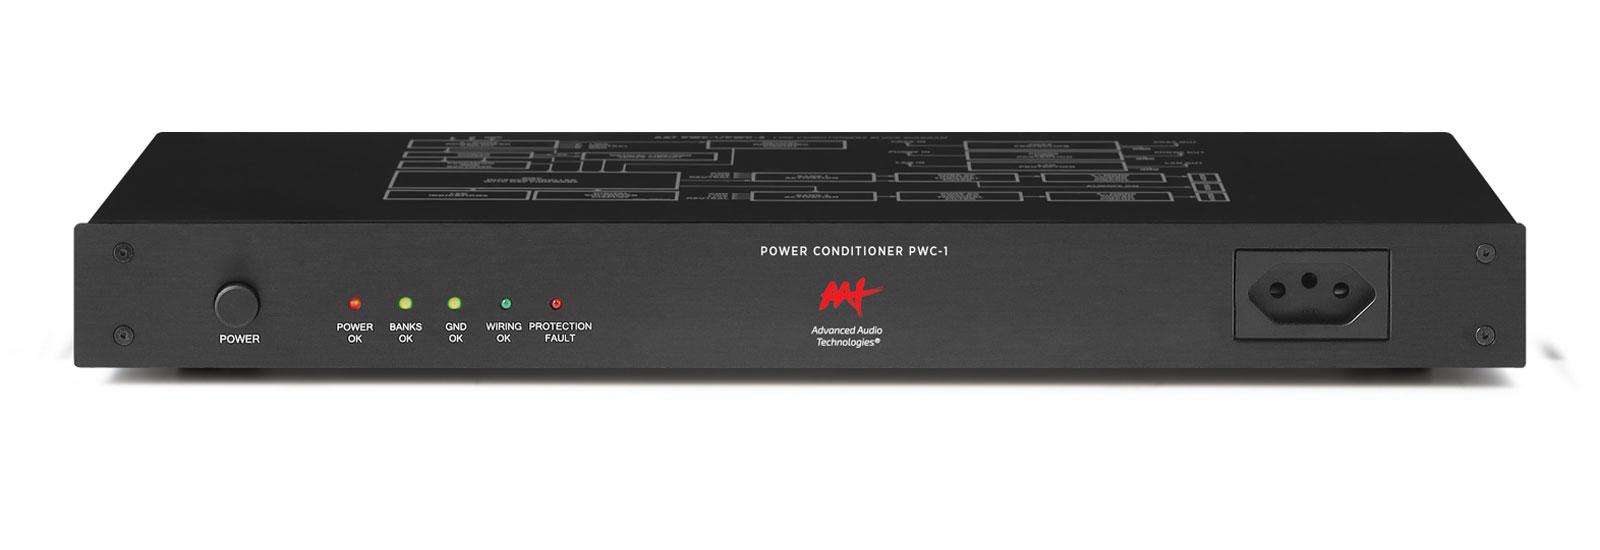 AAT PWC-1 - Condicionador de energia microprocessado com 8  tomadas traseiras e 1 frontal  - Audio Video & cia